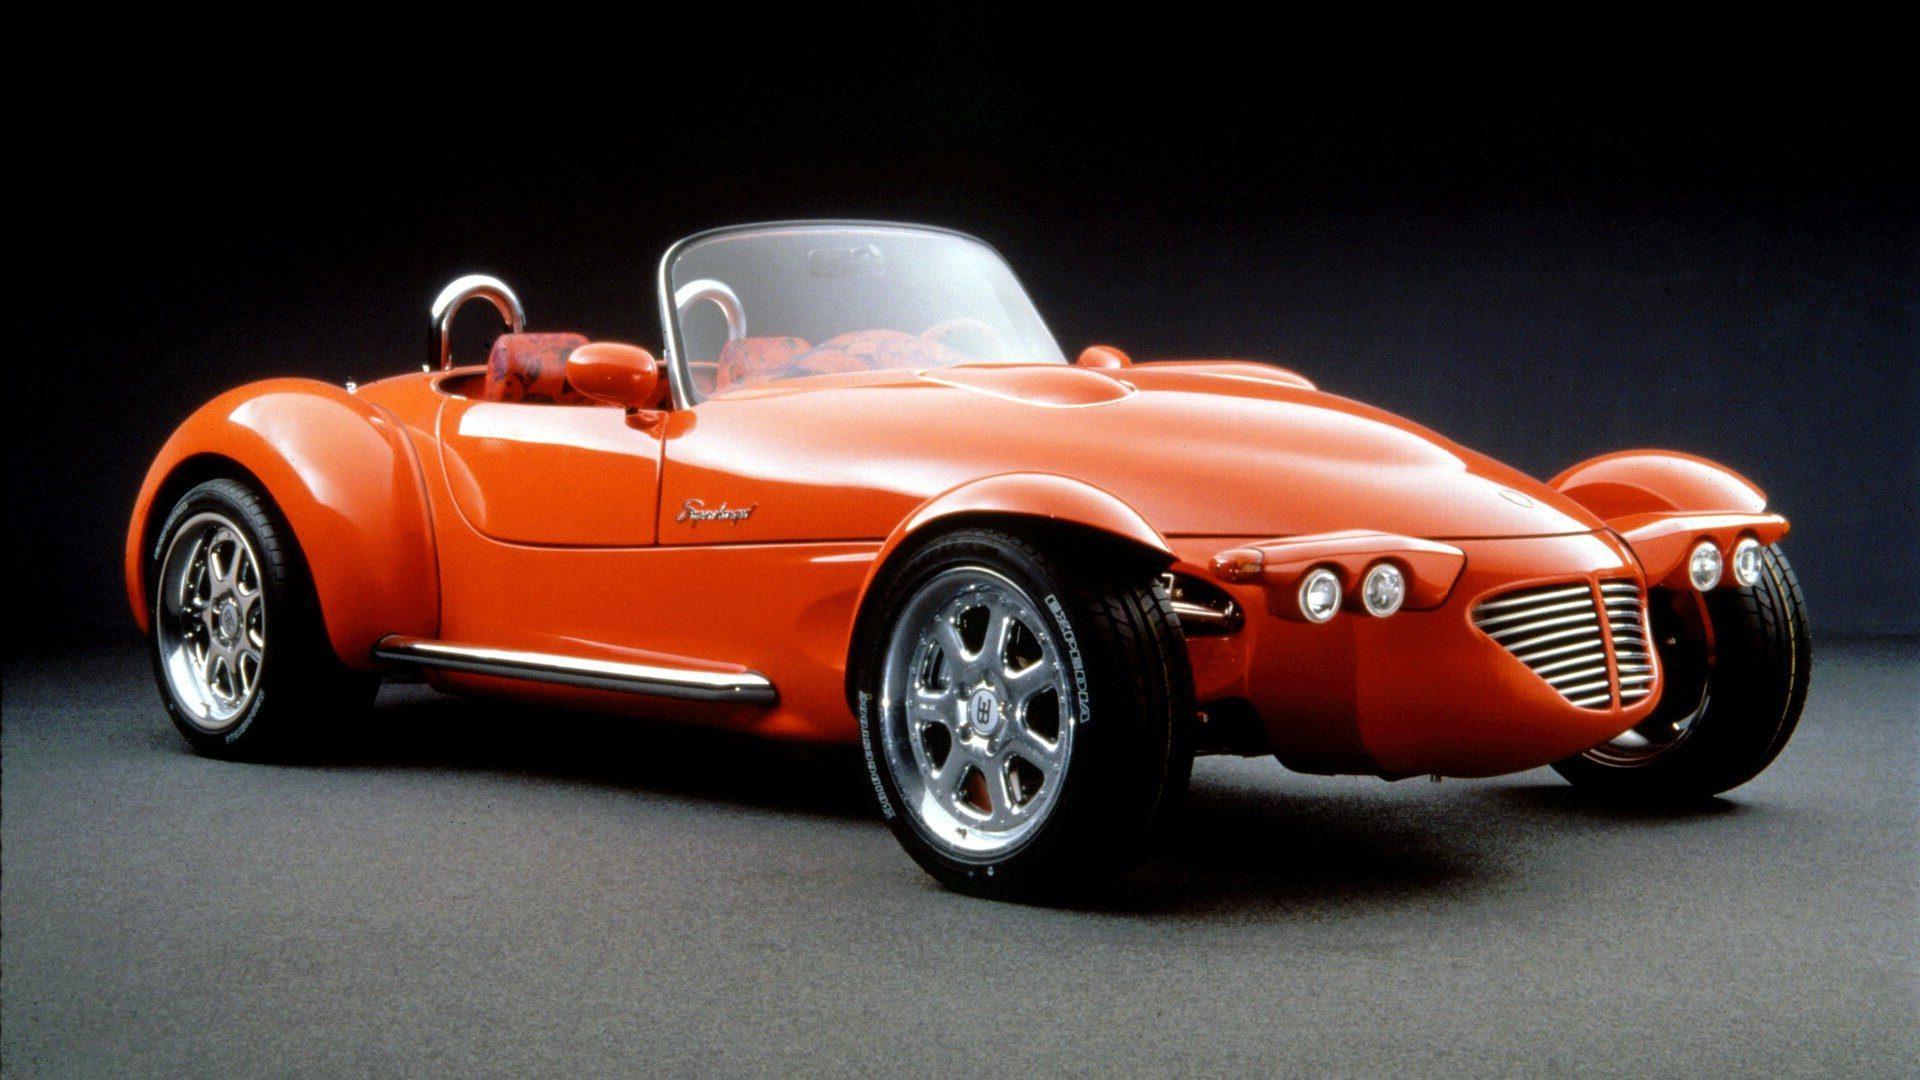 Coche del día: Rinspeed Roadster SC-R Concept